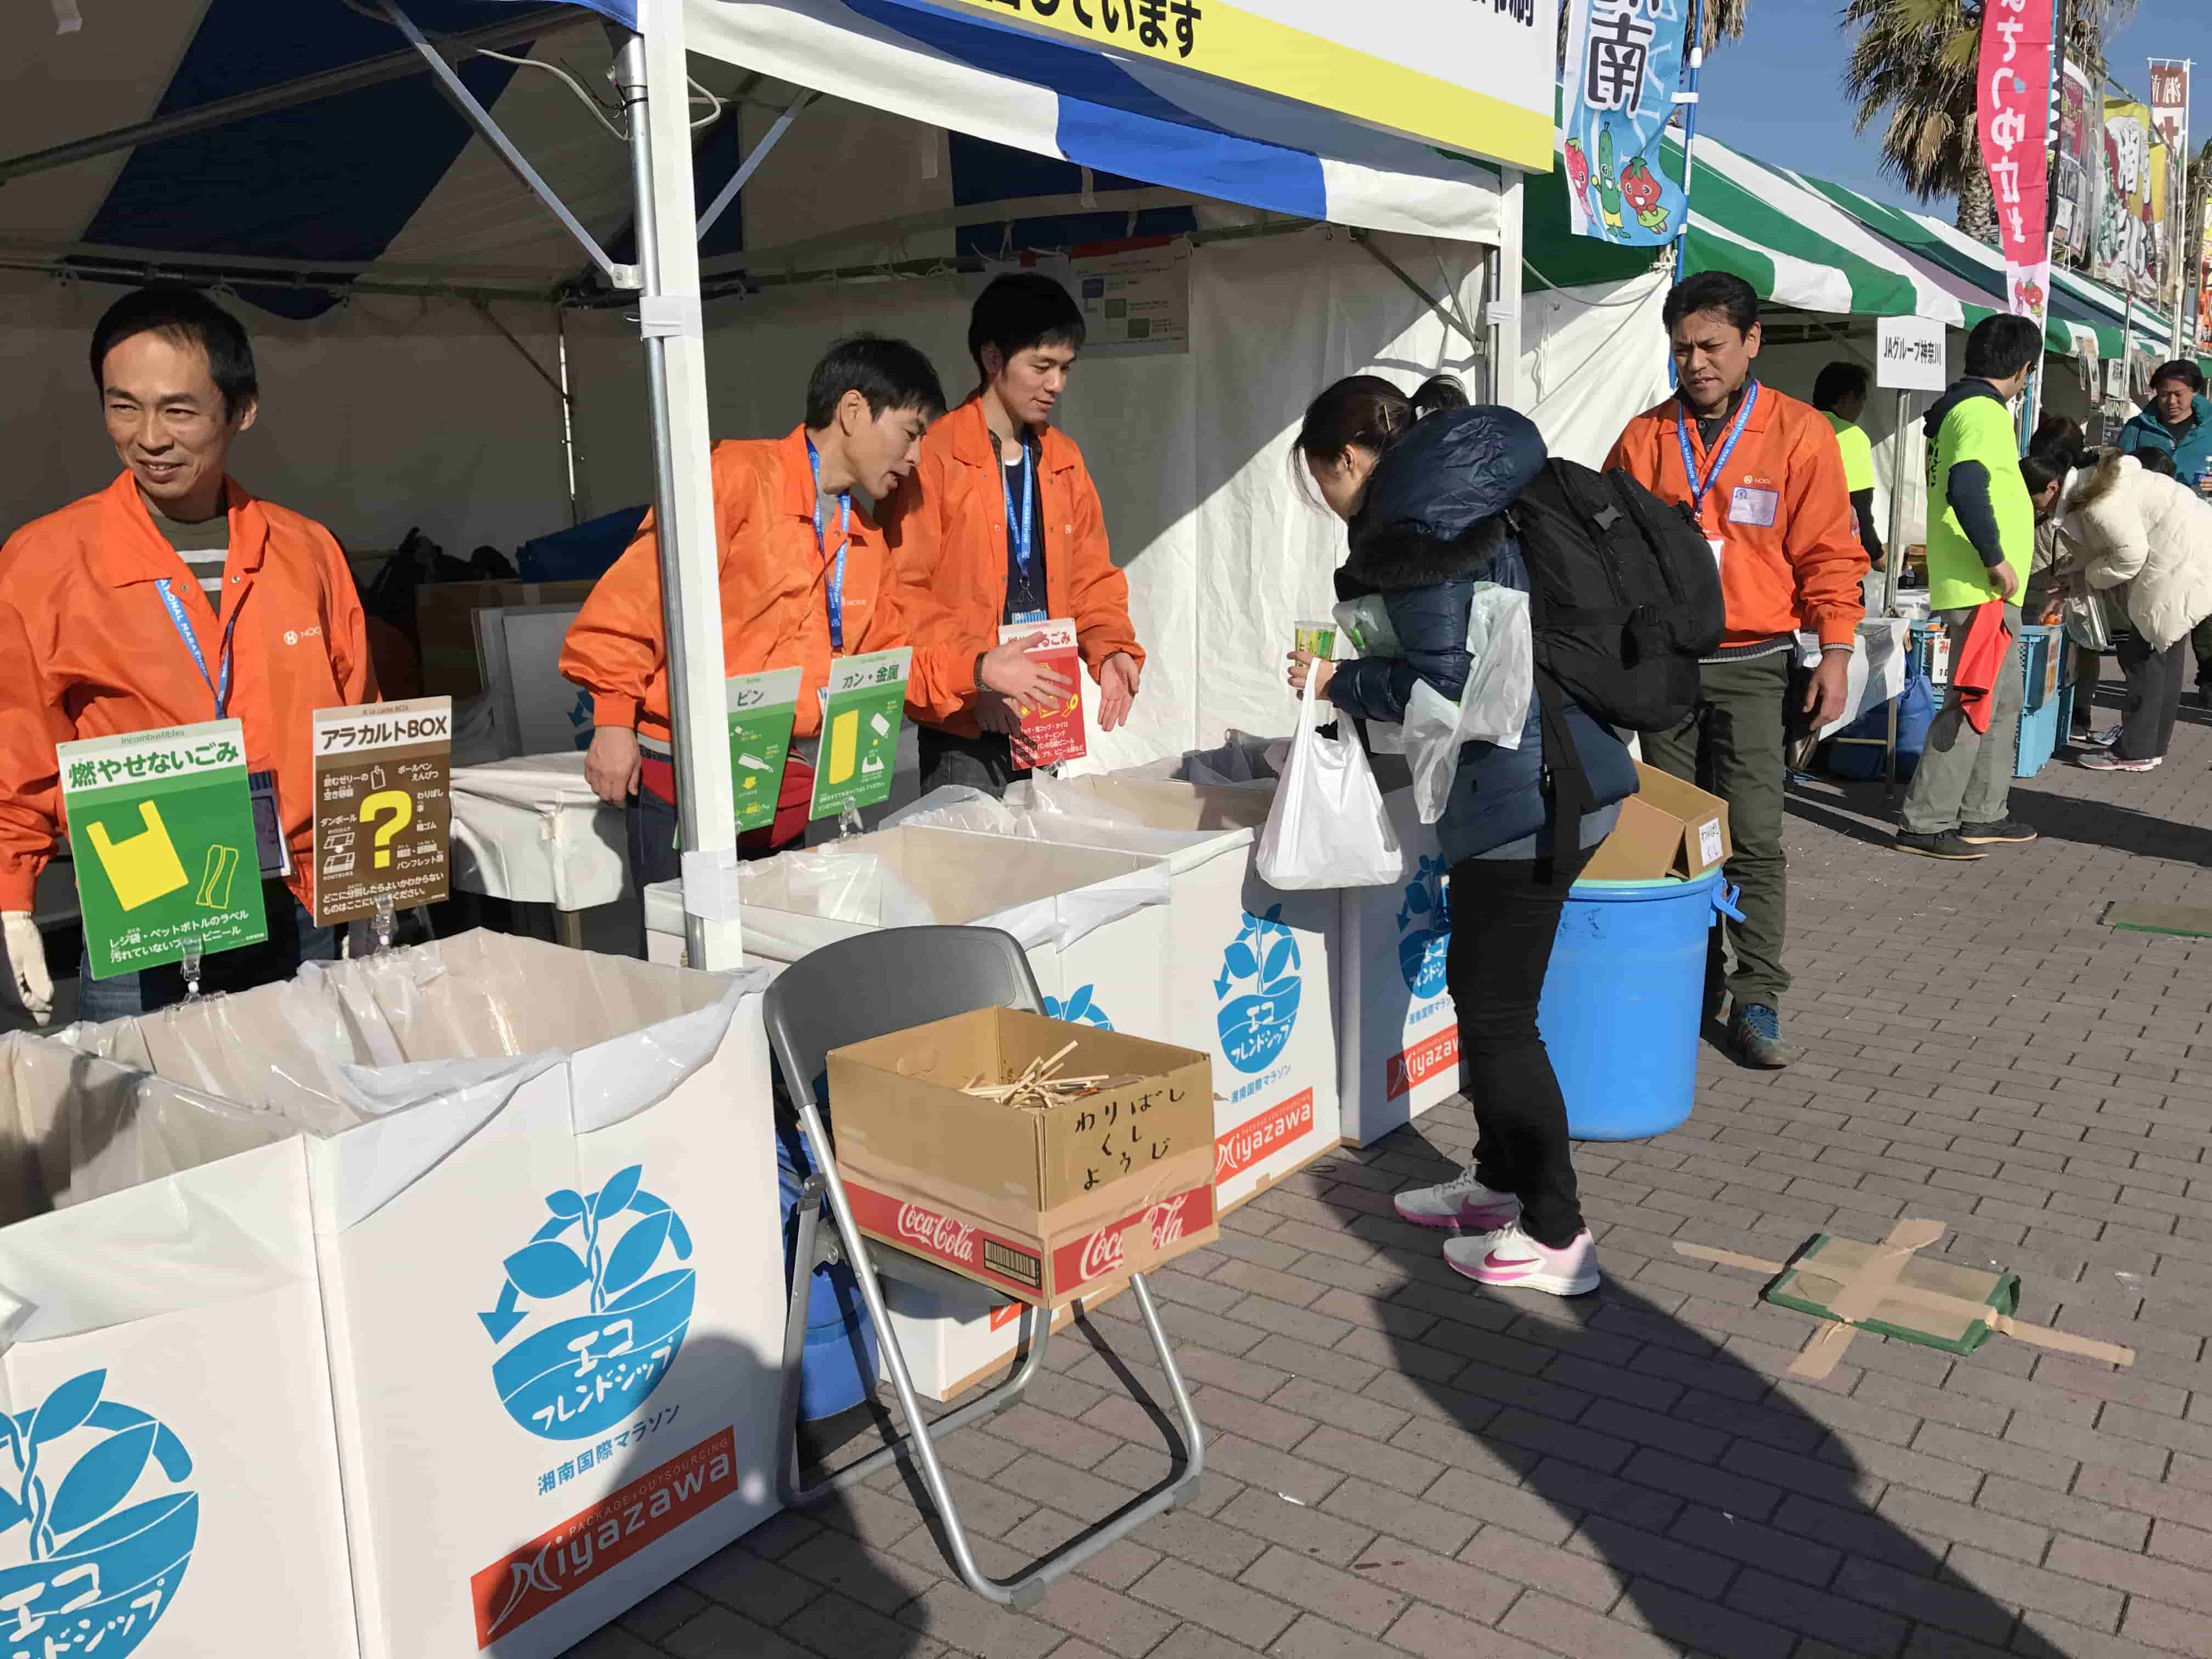 第12回湘南国際マラソン開催! エコ・フレンドシップに参加しました。